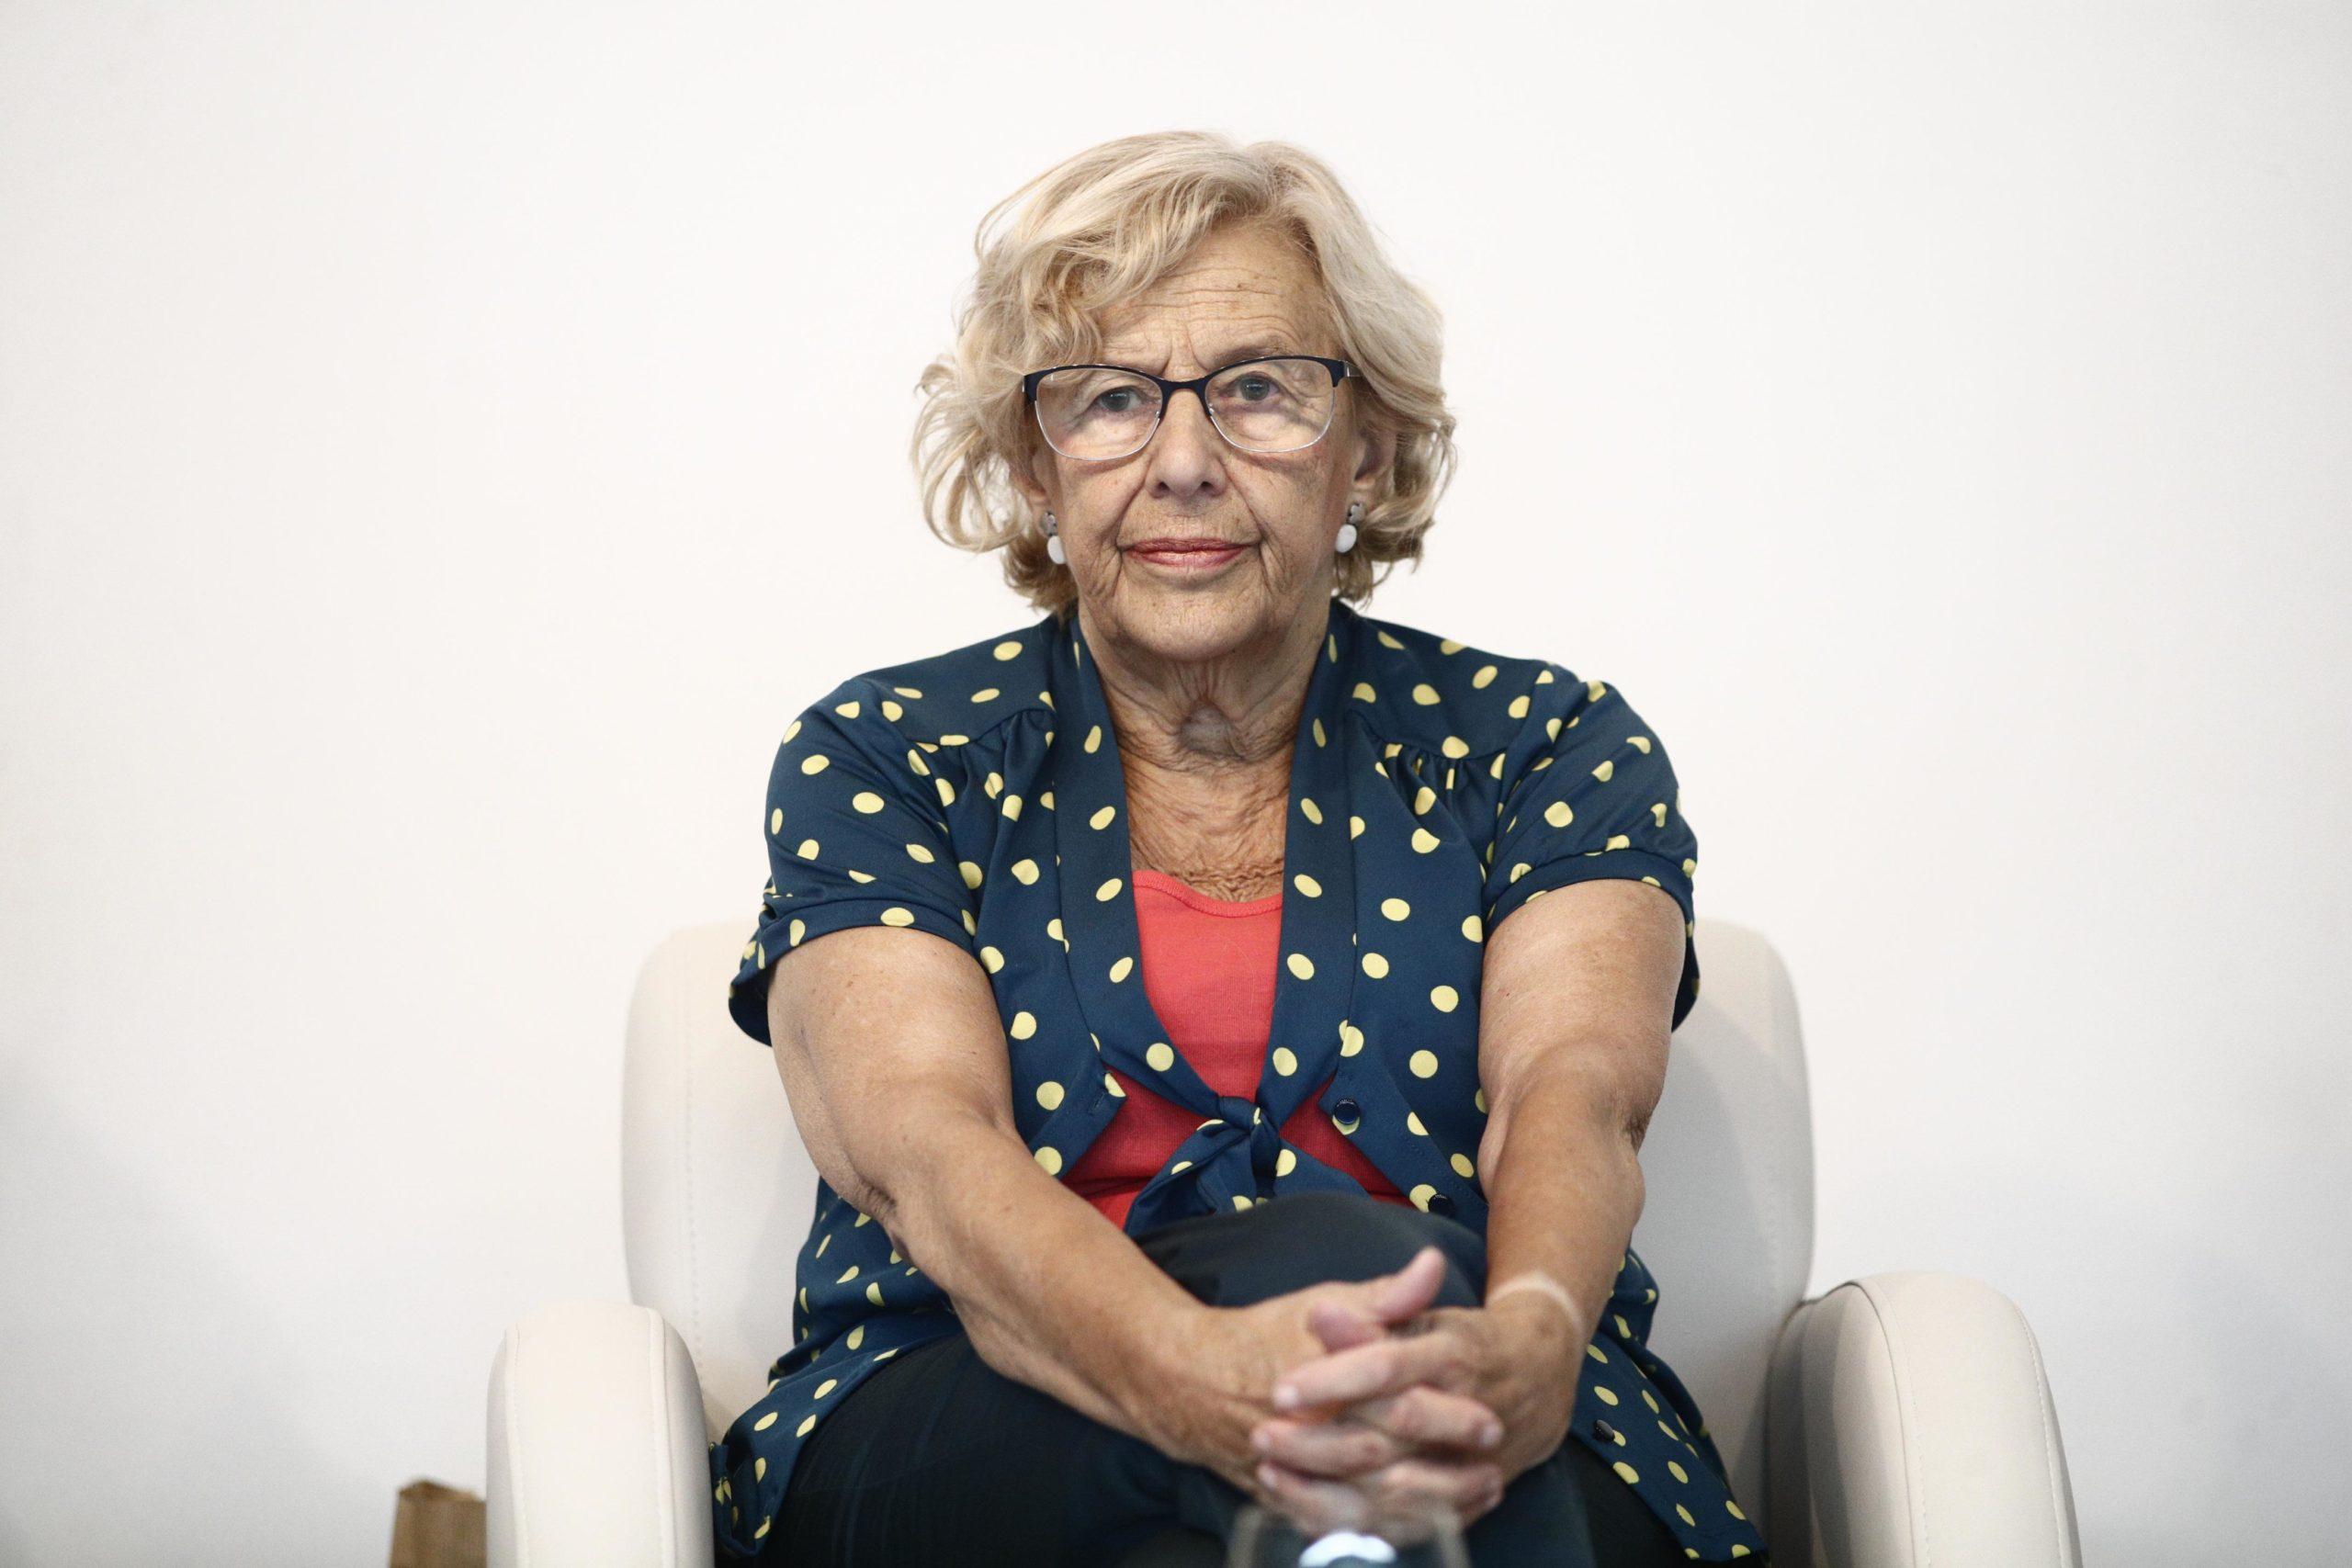 L'ex-alcaldessa de Madrid, Manuela Carmena, en una imatge d'arxiu. / Europa Press